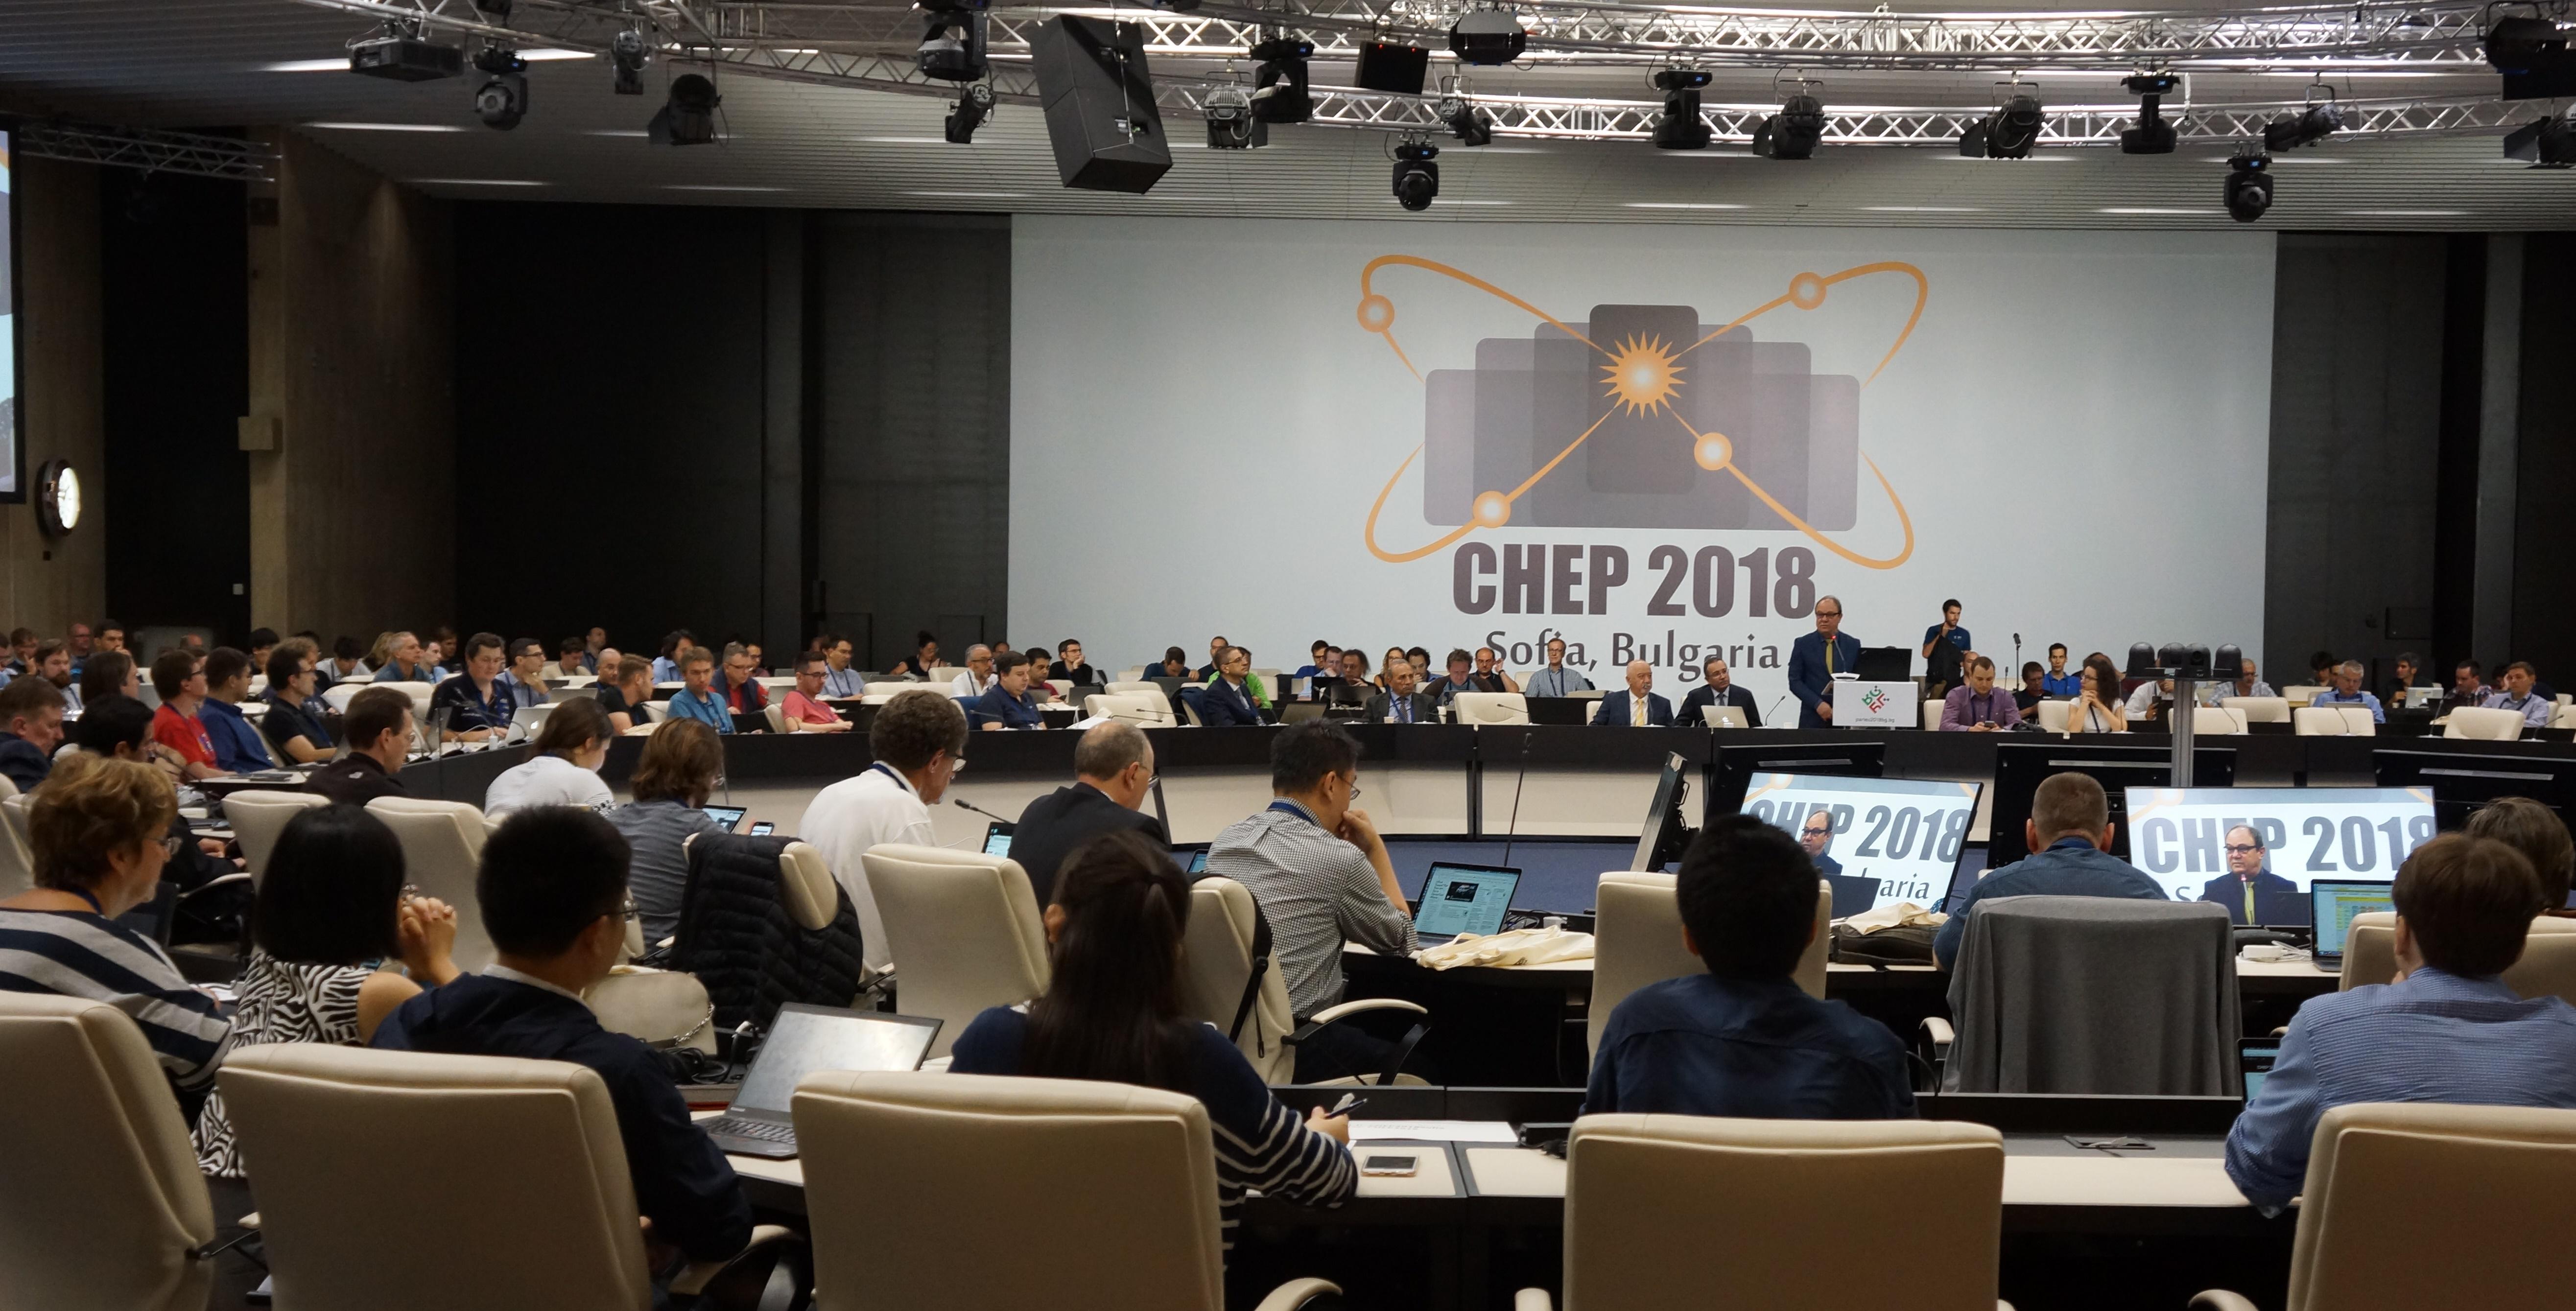 Над 500 световни учени, специалисти и студенти участват в конференцията CHEP 2018